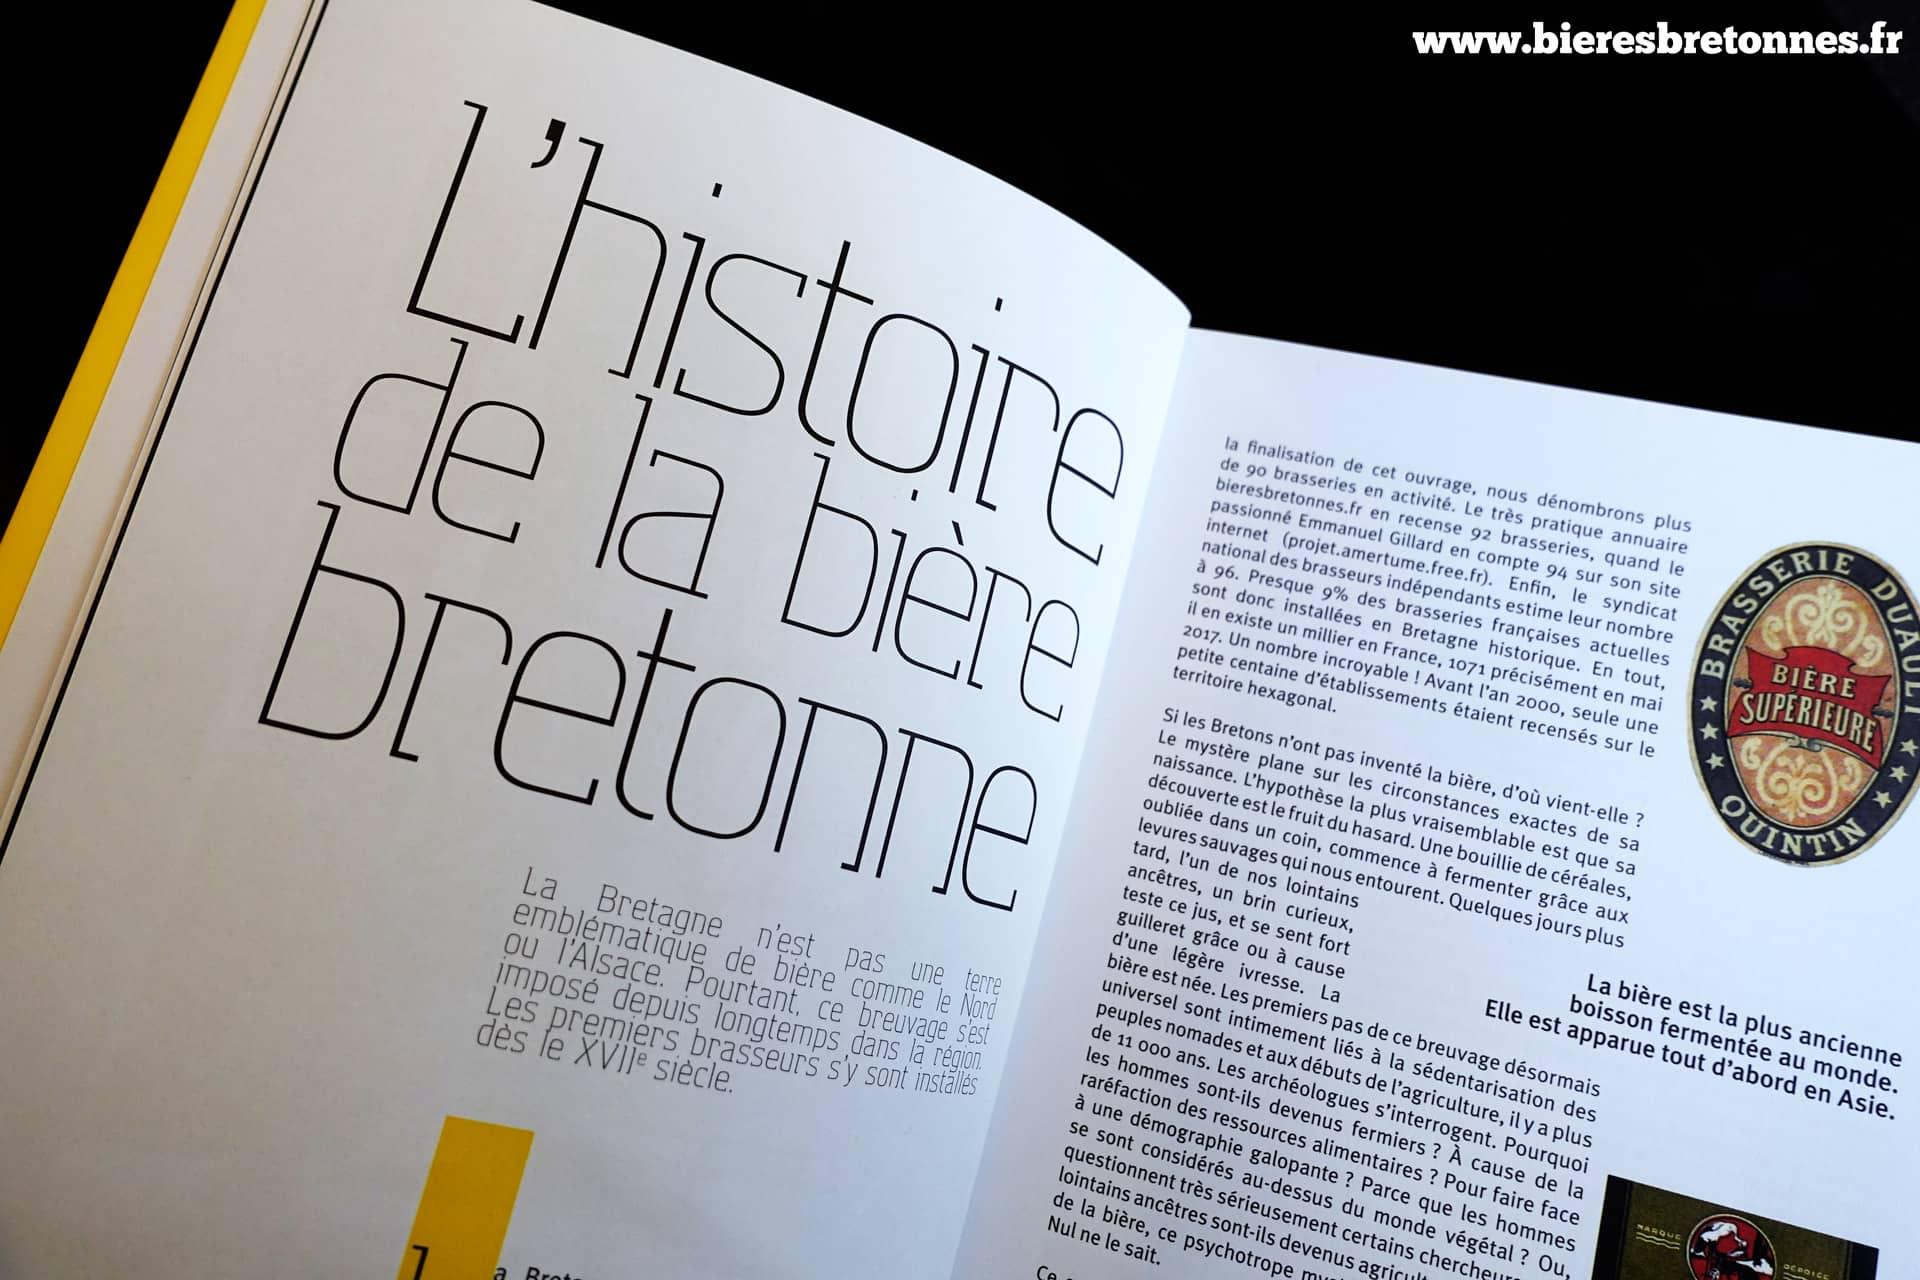 L'histoire de la bière bretonne